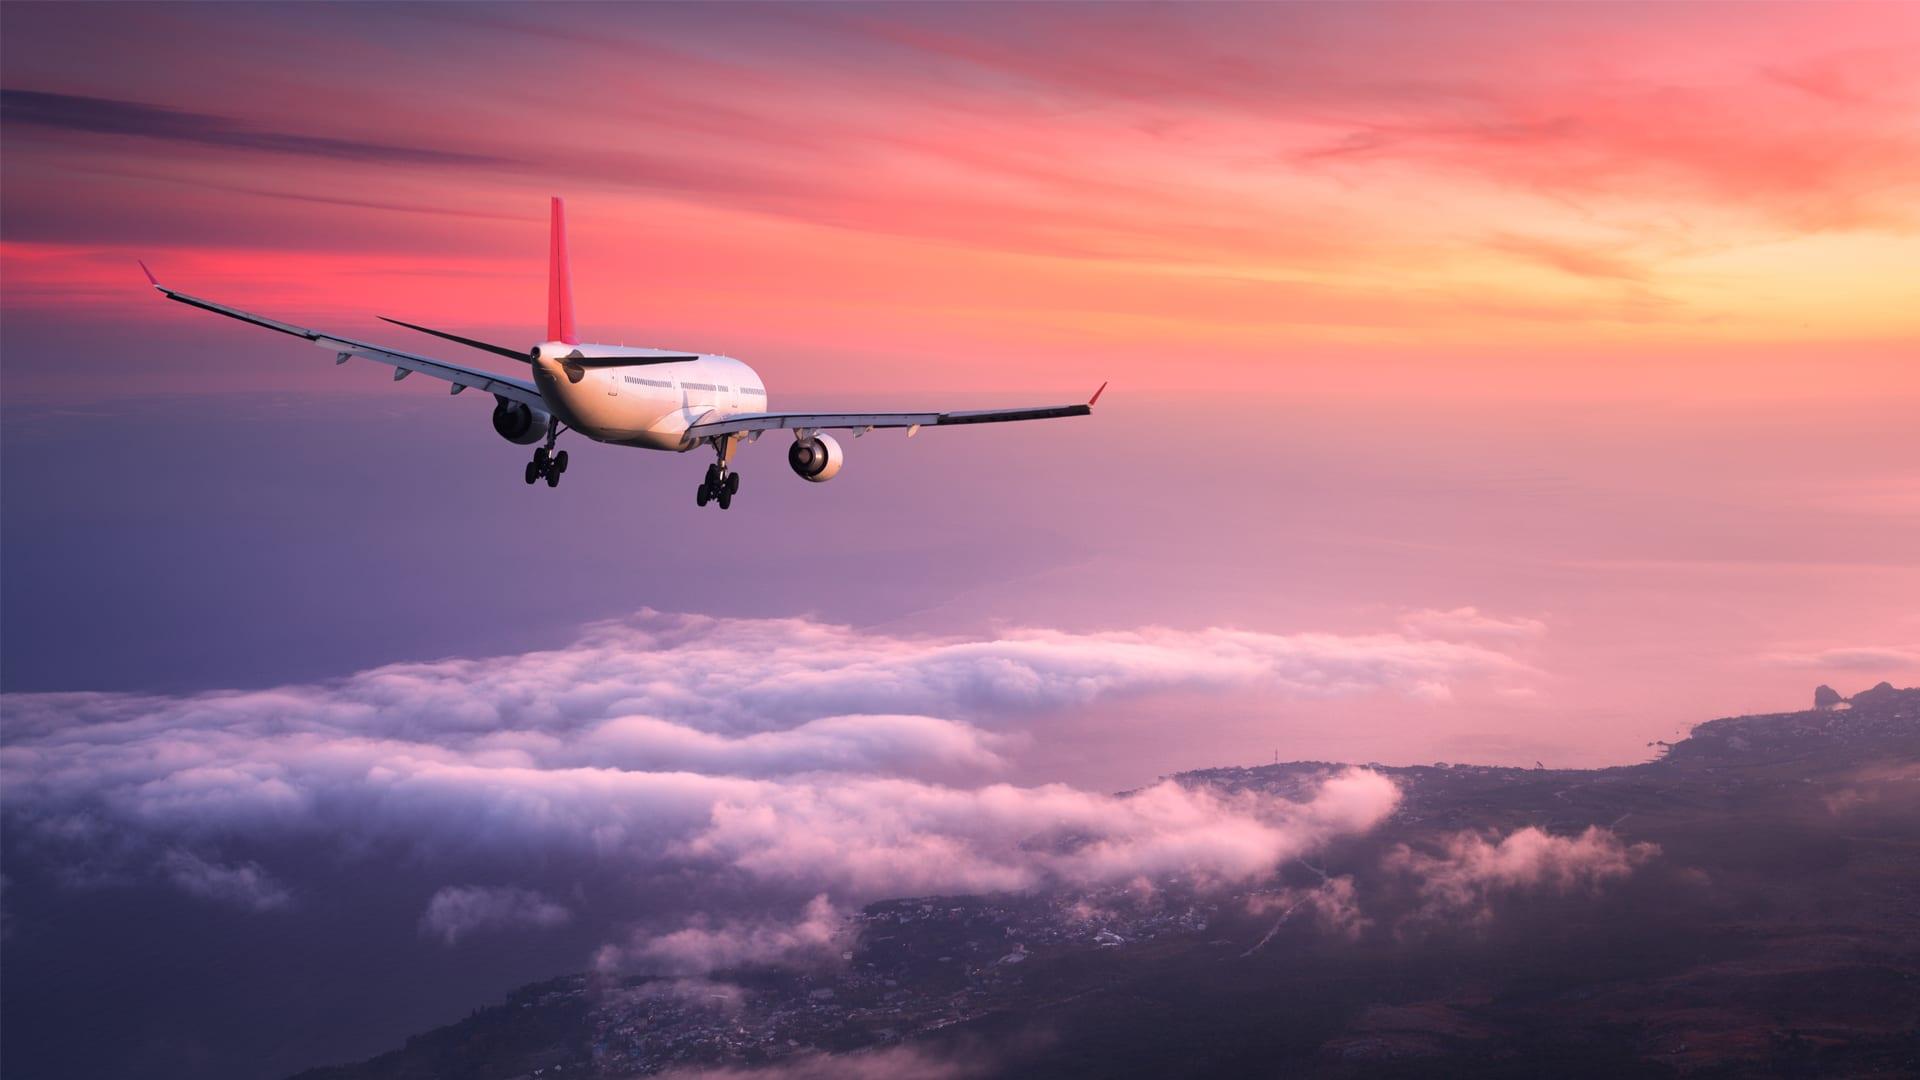 plane without moving parts #новости авиасообщение, Грузия-Россия, рейсы